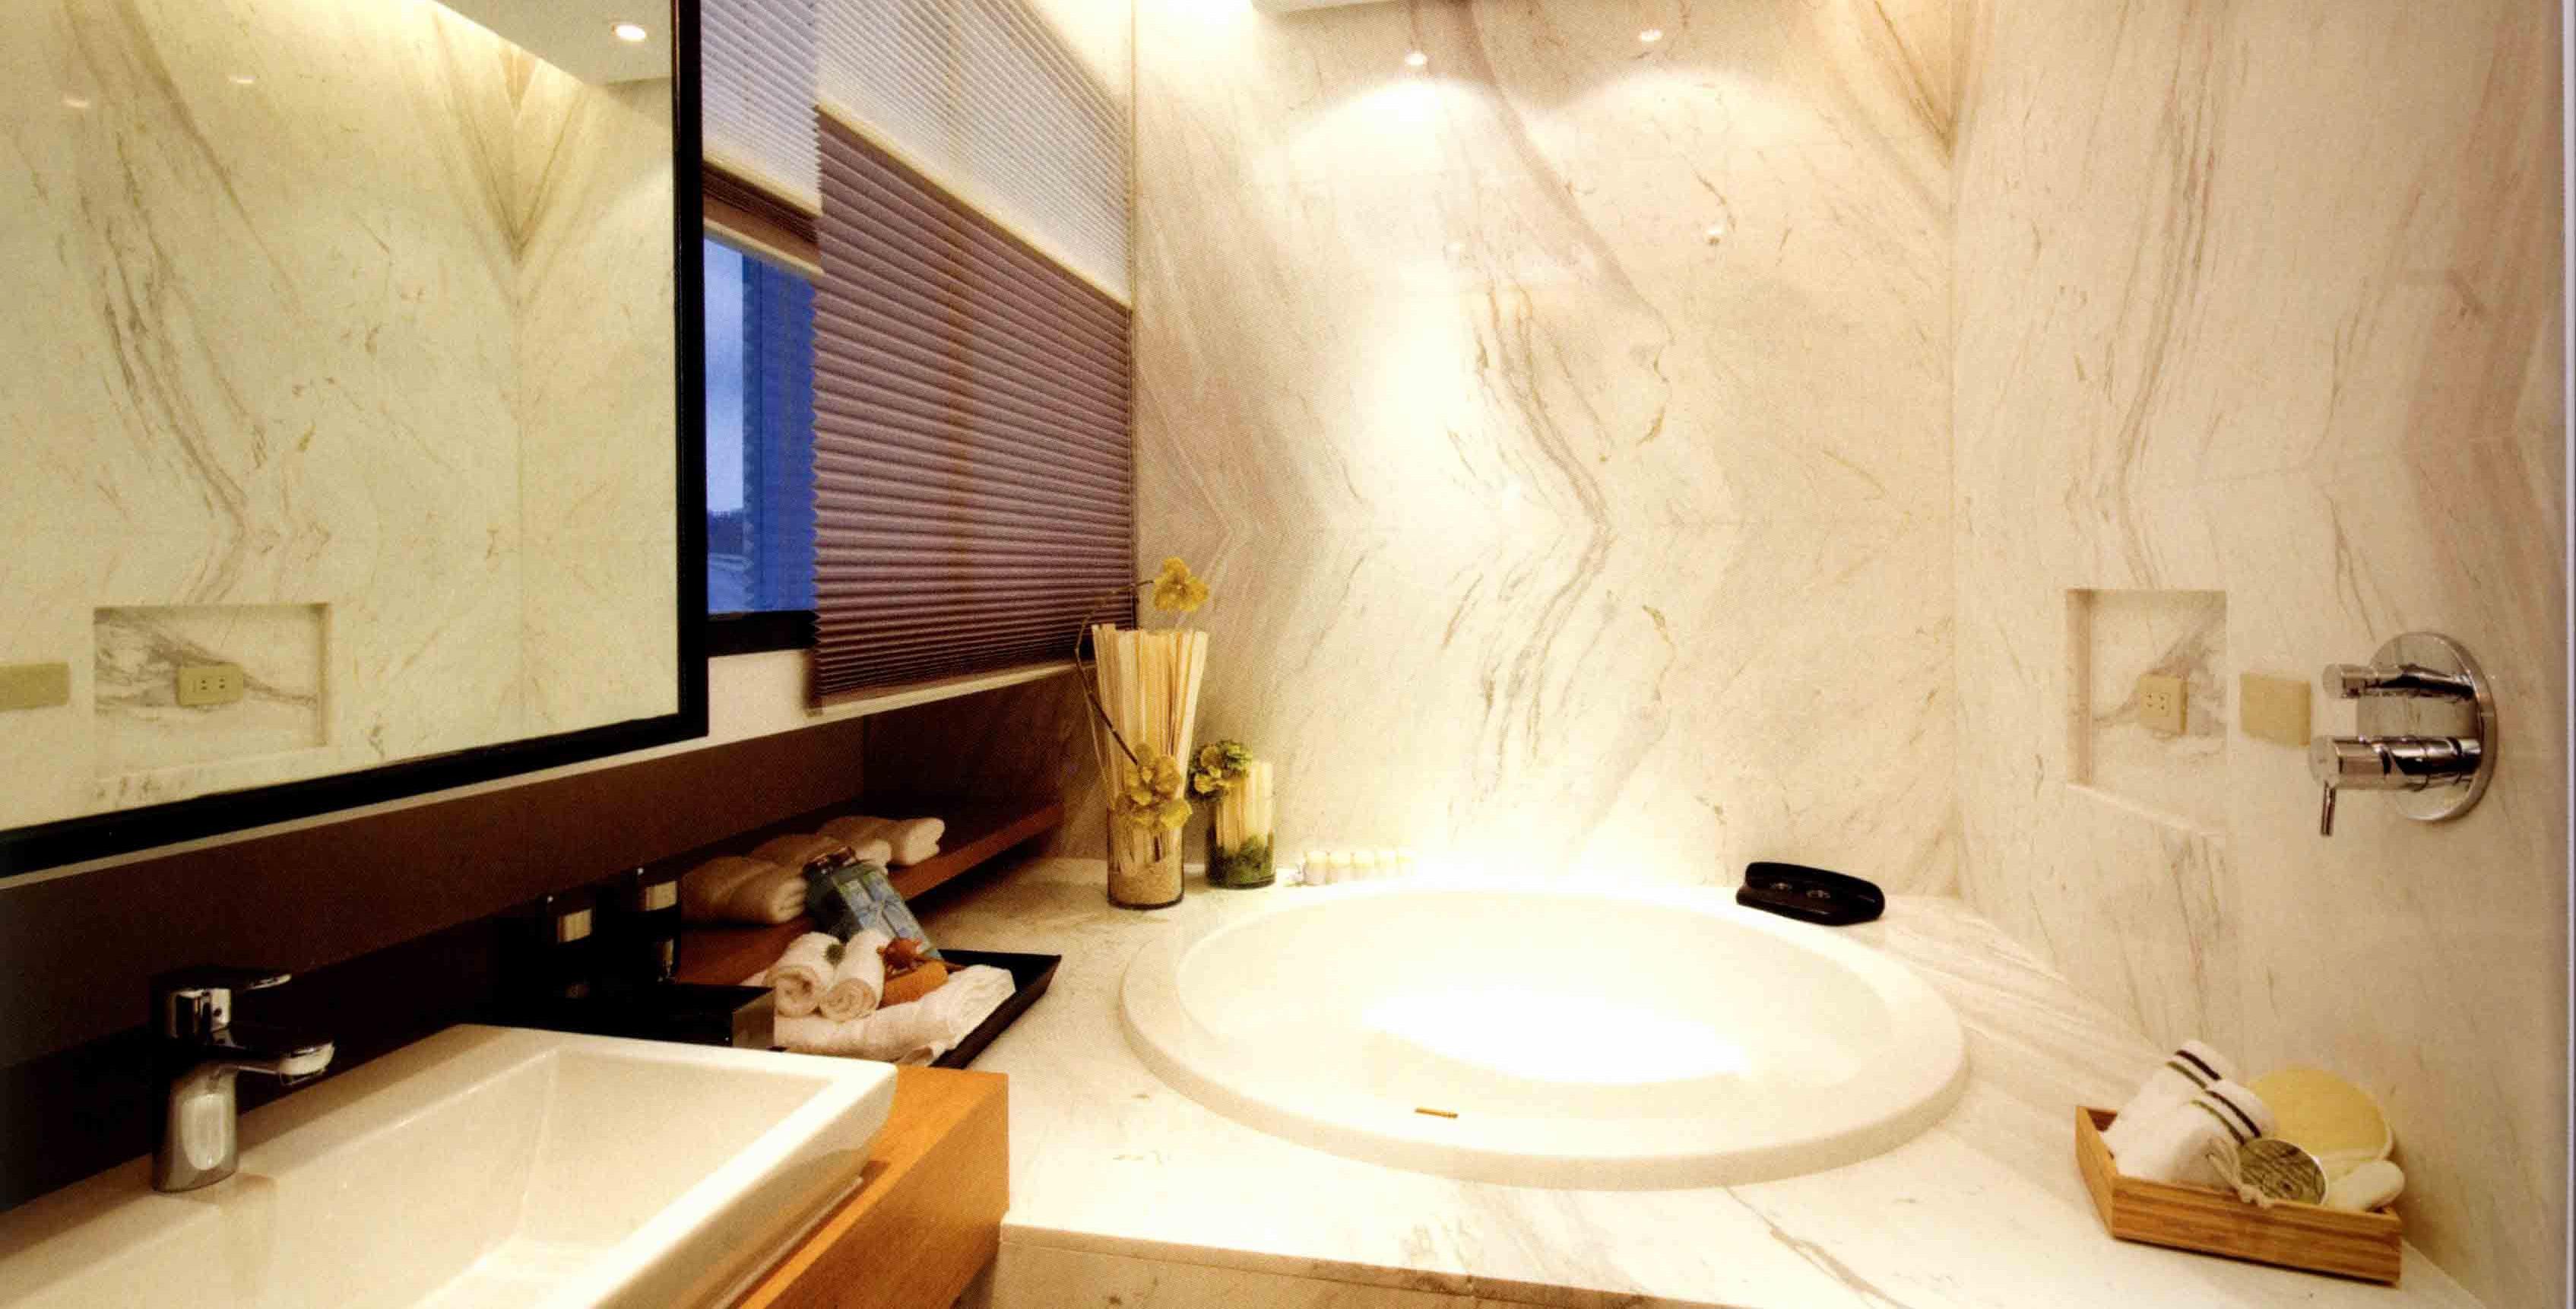 80平一居室设计浴缸图片